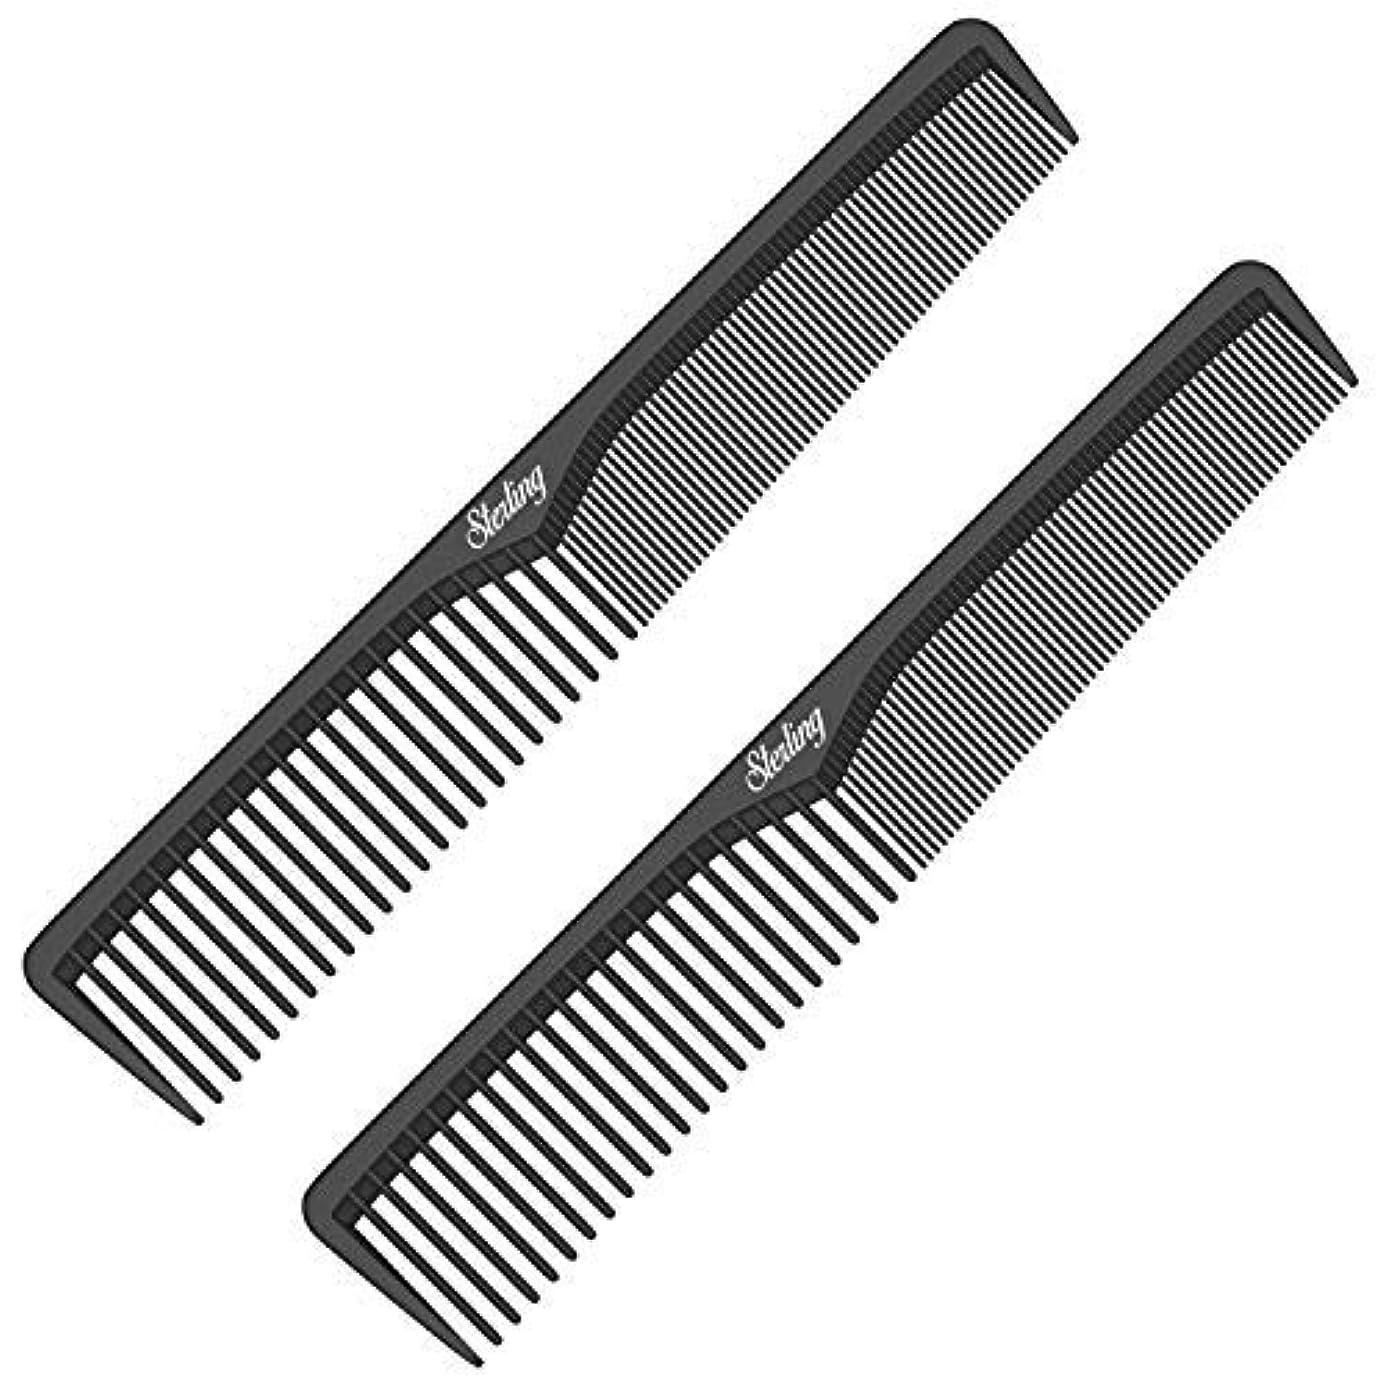 子供時代強大な行くStyling Comb (2 Pack) | Professional 7  Black Carbon Fiber Anti Static Chemical And Heat Resistant Combs For All...